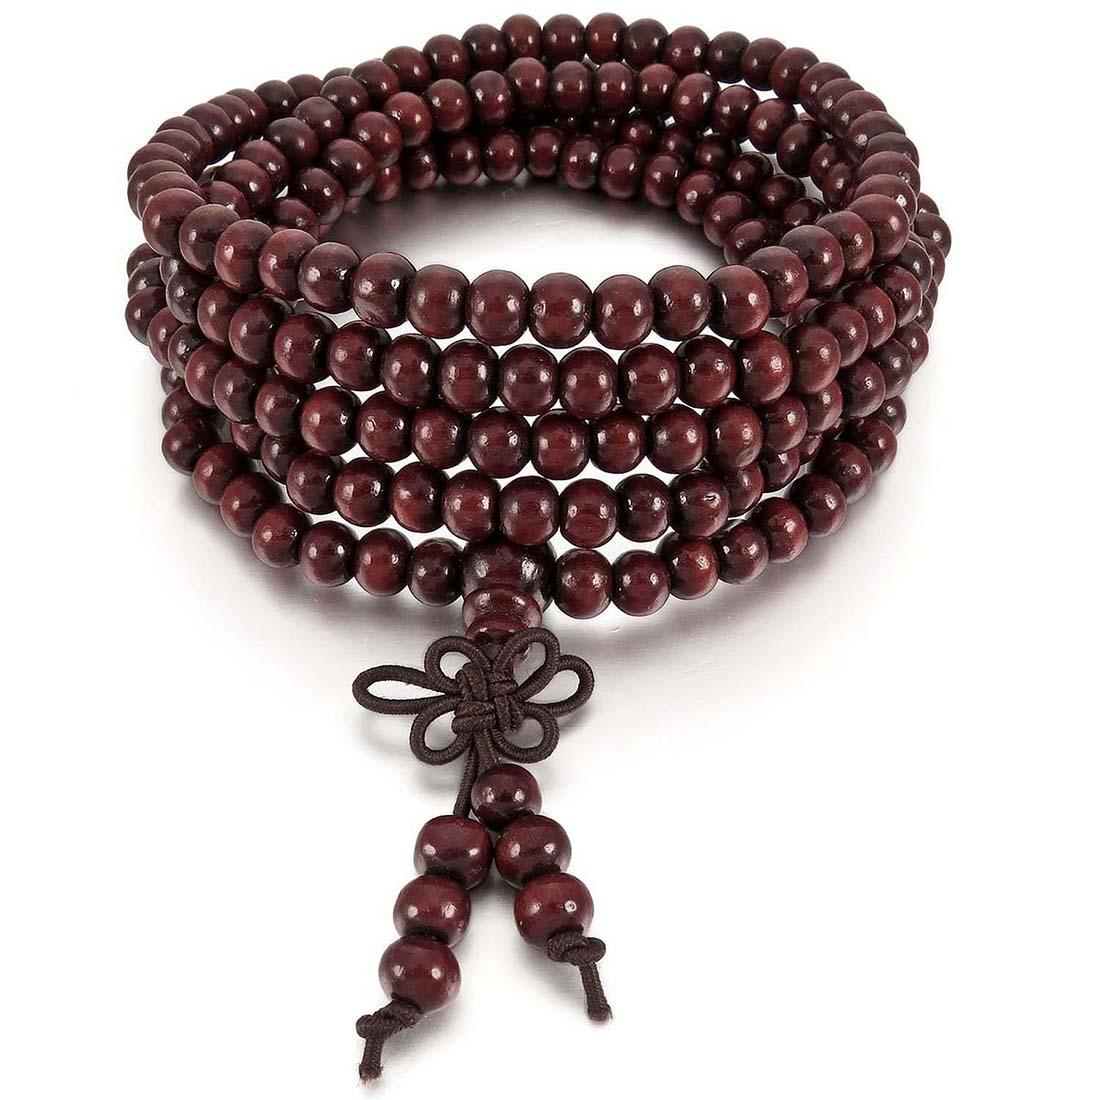 216pcs 6 x 200mm Tibetan Buddhist Prayer Beads Necklace Buddha Mala Wood Knot Wrist Cuff Bracelet Bangle DIY Jewelry Dark Red